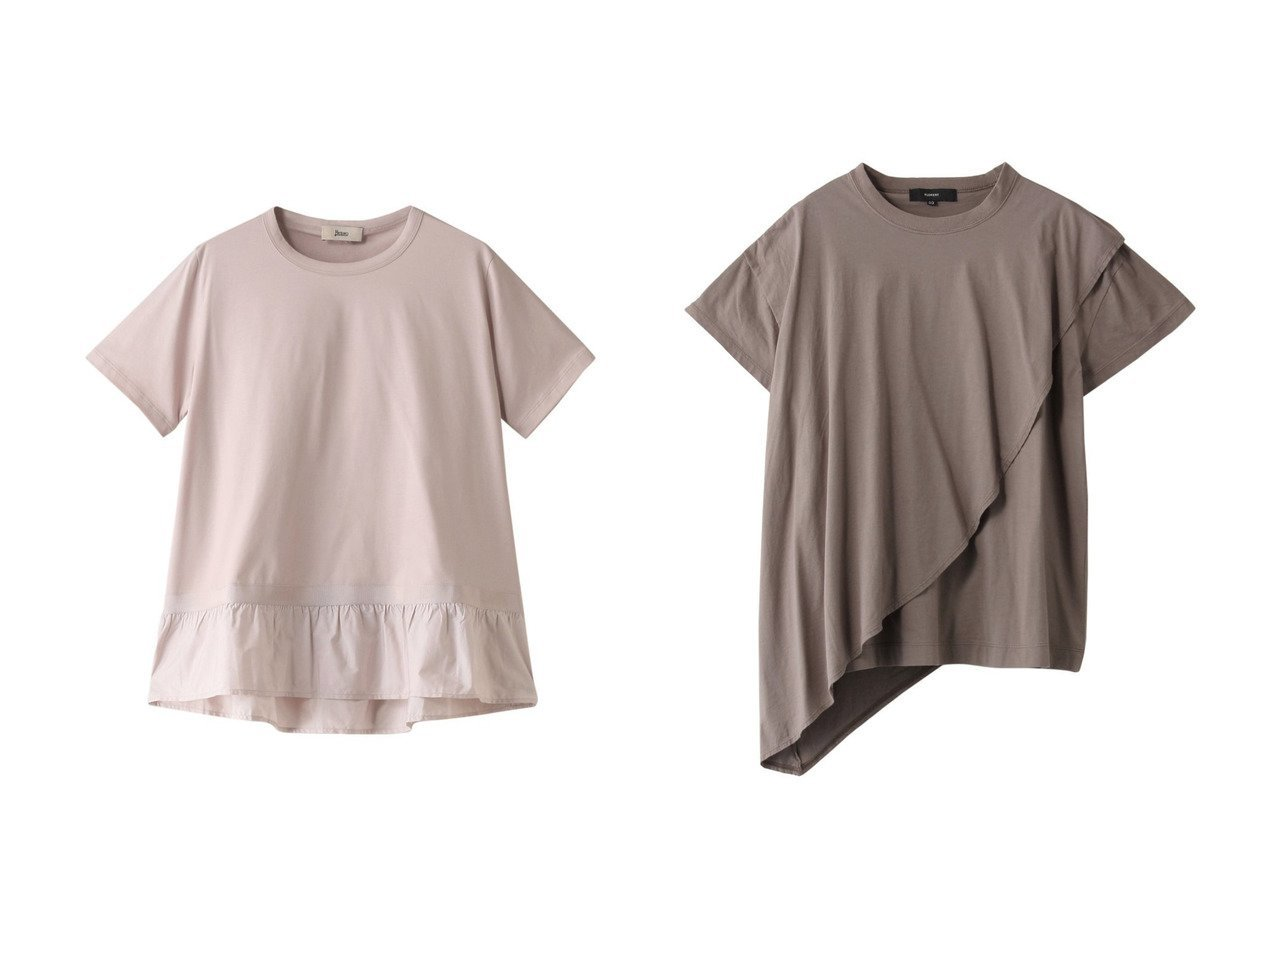 【HERNO/ヘルノ】のコットンジャージーテクノタフタコンビTシャツ&【FLORENT/フローレント】のCAラステック天竺Tシャツ 【トップス・カットソー】おすすめ!人気、トレンド・レディースファッションの通販 おすすめで人気の流行・トレンド、ファッションの通販商品 メンズファッション・キッズファッション・インテリア・家具・レディースファッション・服の通販 founy(ファニー) https://founy.com/ ファッション Fashion レディースファッション WOMEN トップス・カットソー Tops/Tshirt シャツ/ブラウス Shirts/Blouses ロング / Tシャツ T-Shirts カットソー Cut and Sewn ショート シンプル スリーブ フォーム プリーツ |ID:crp329100000029877